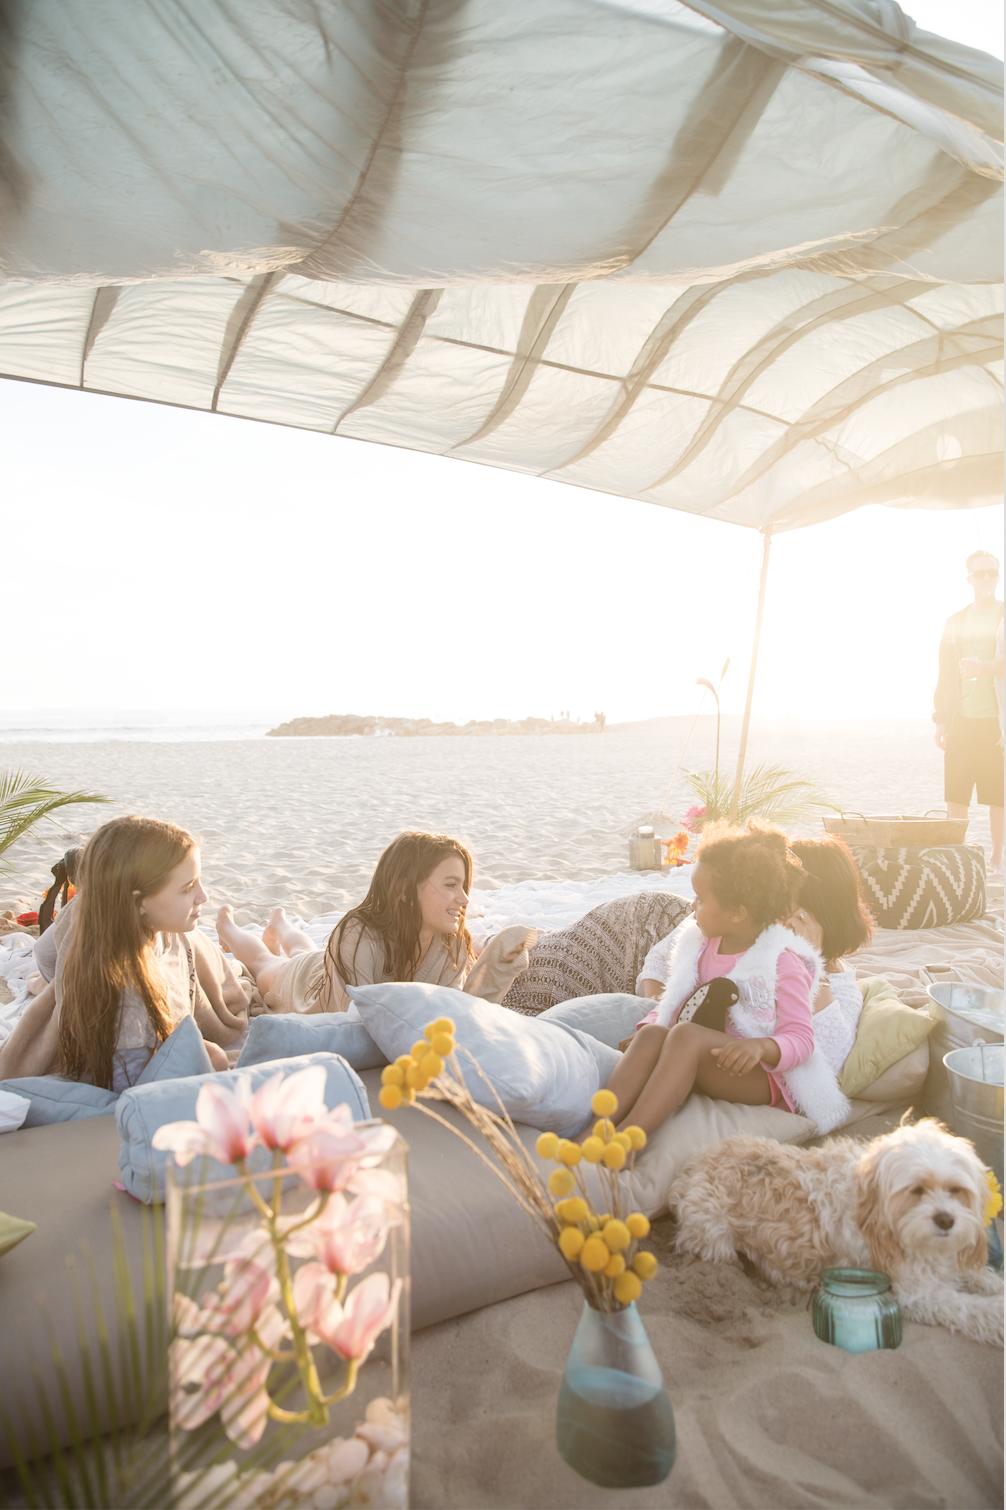 dreamy_beach_pop_up_shelter.jpg